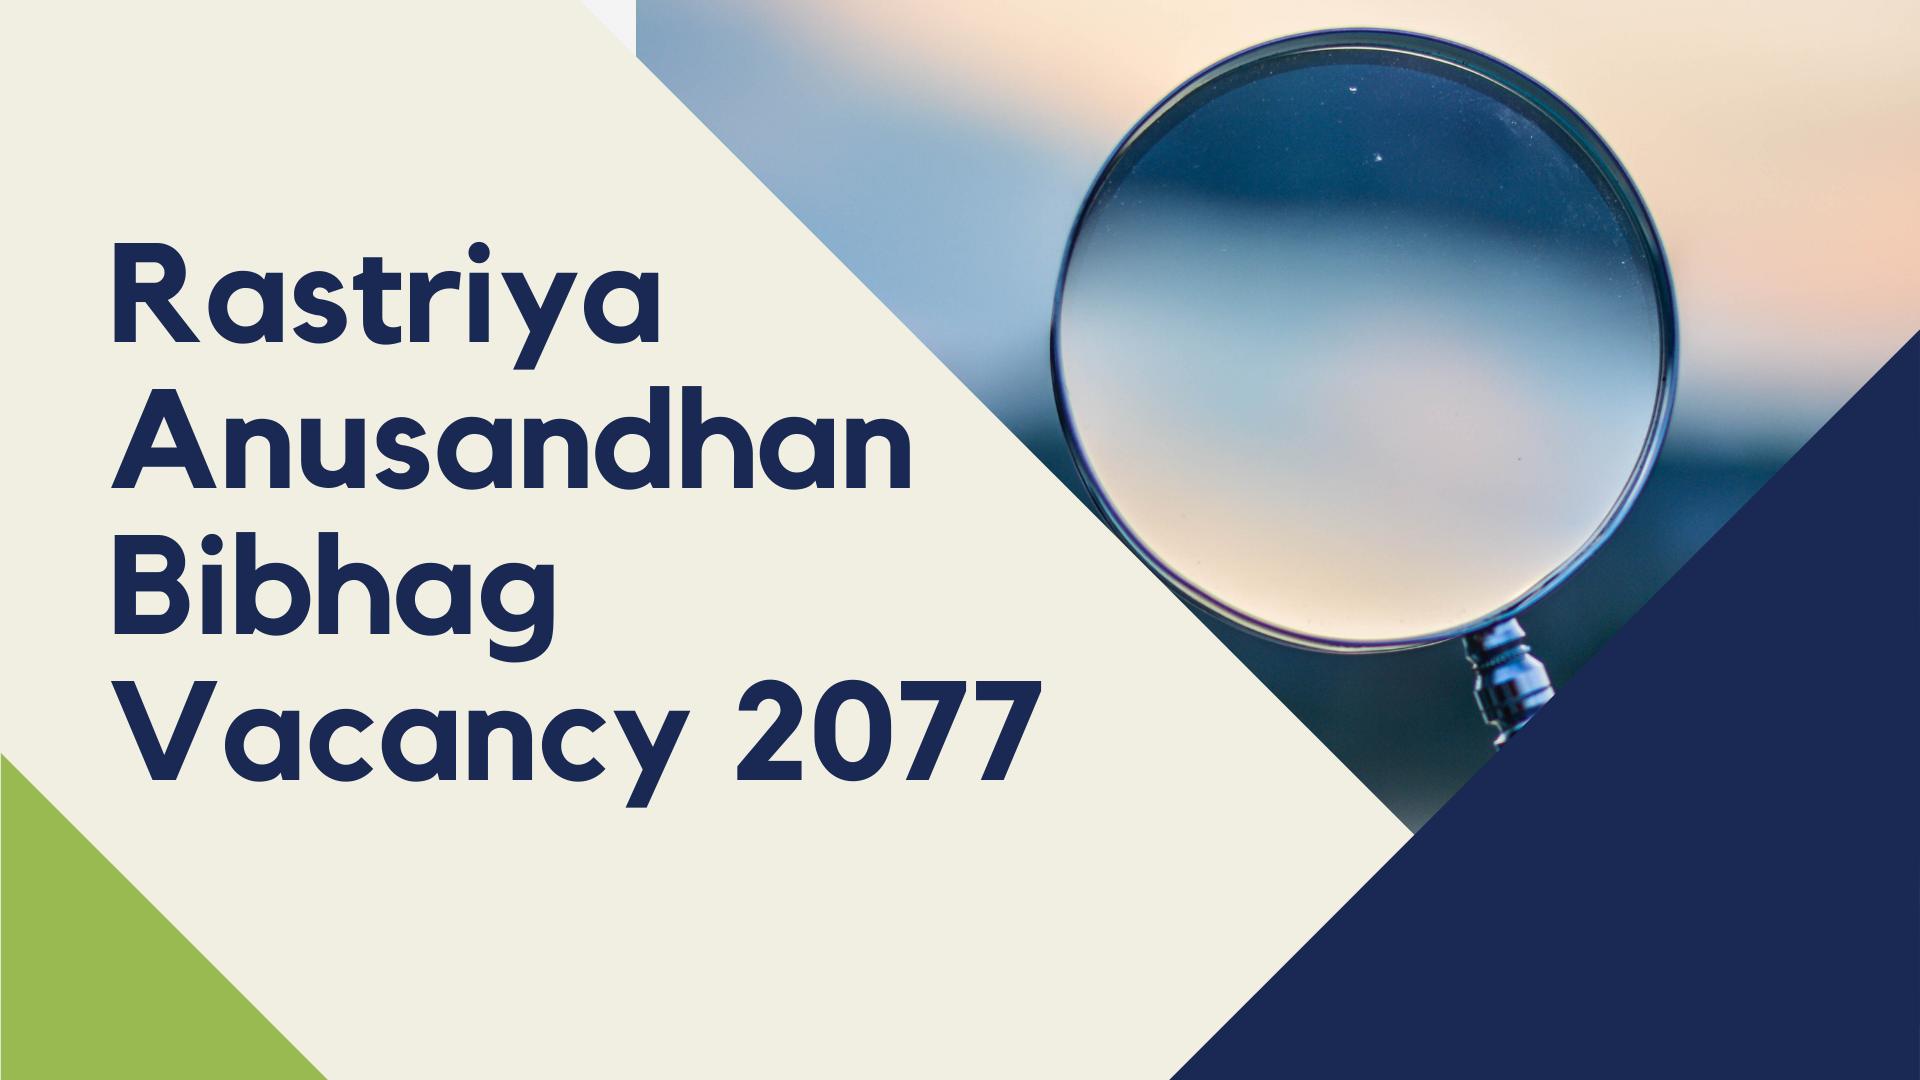 Rastriya Anusandhan Bibhag Vacancy 2077